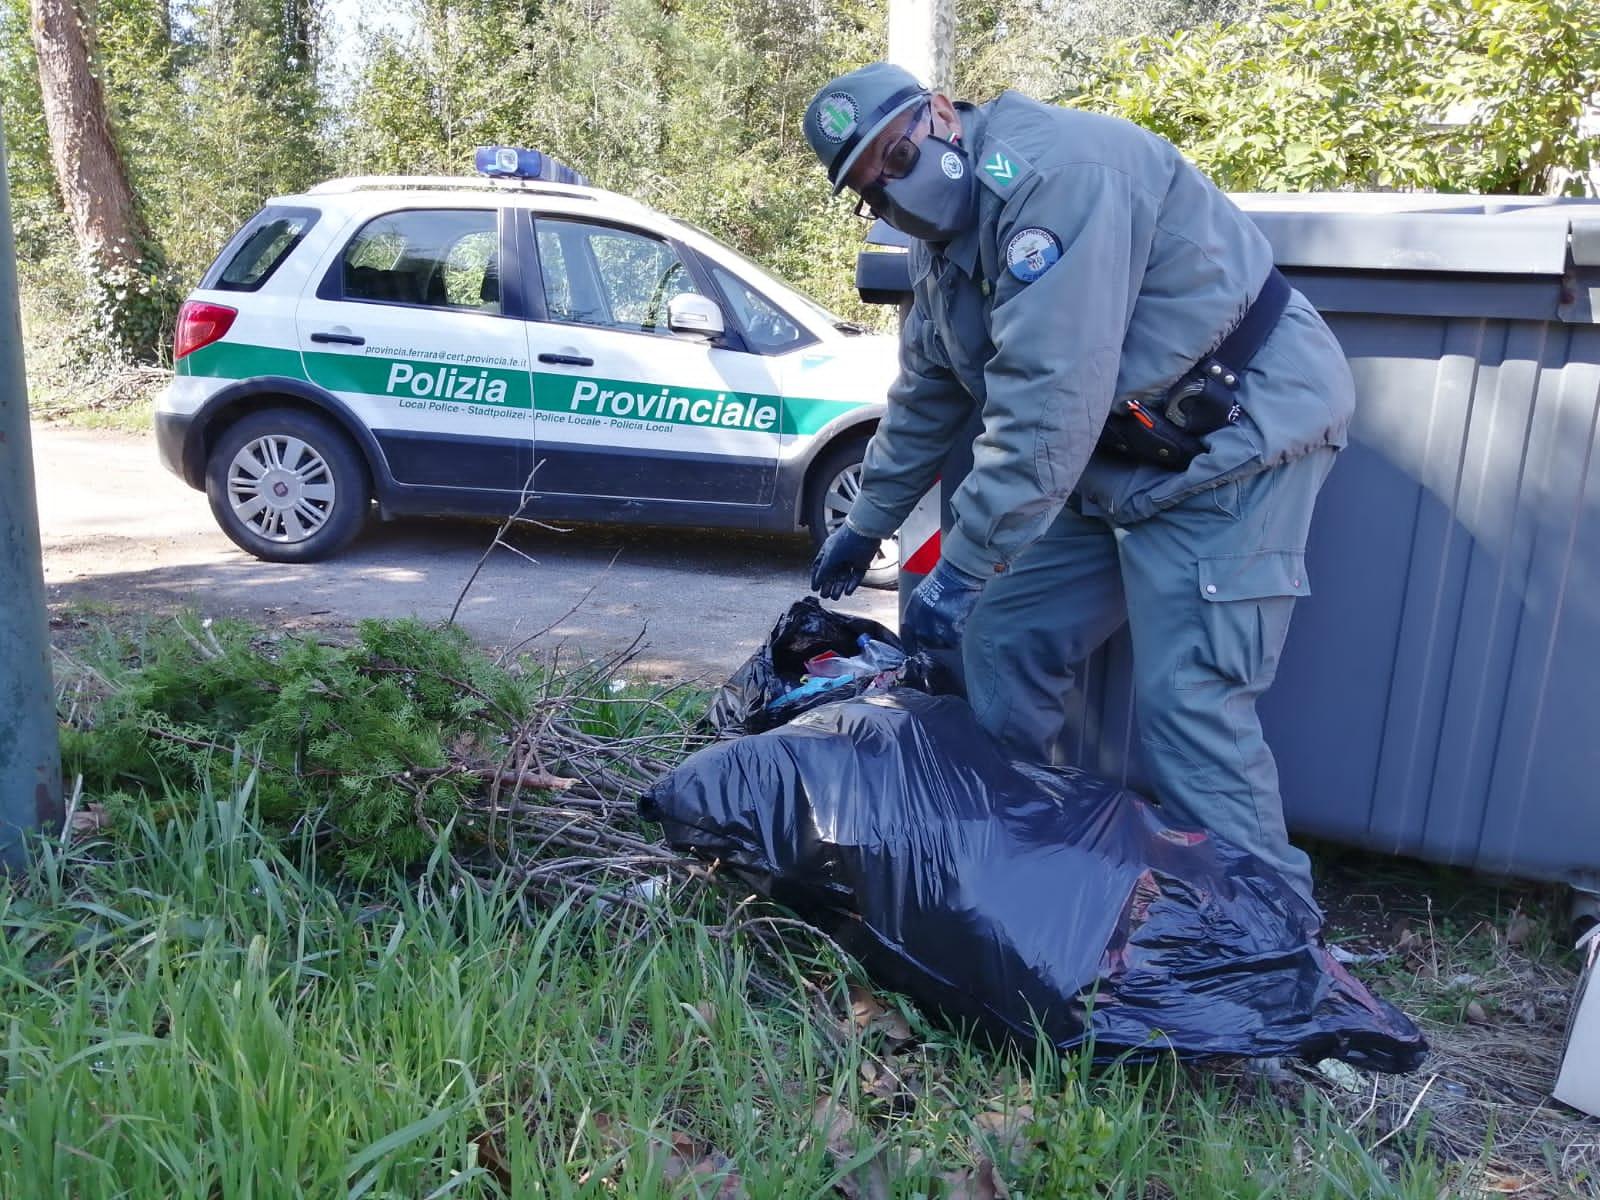 Agente di Polizia provinciale con sacco rifiuti abbandonato illegalmente